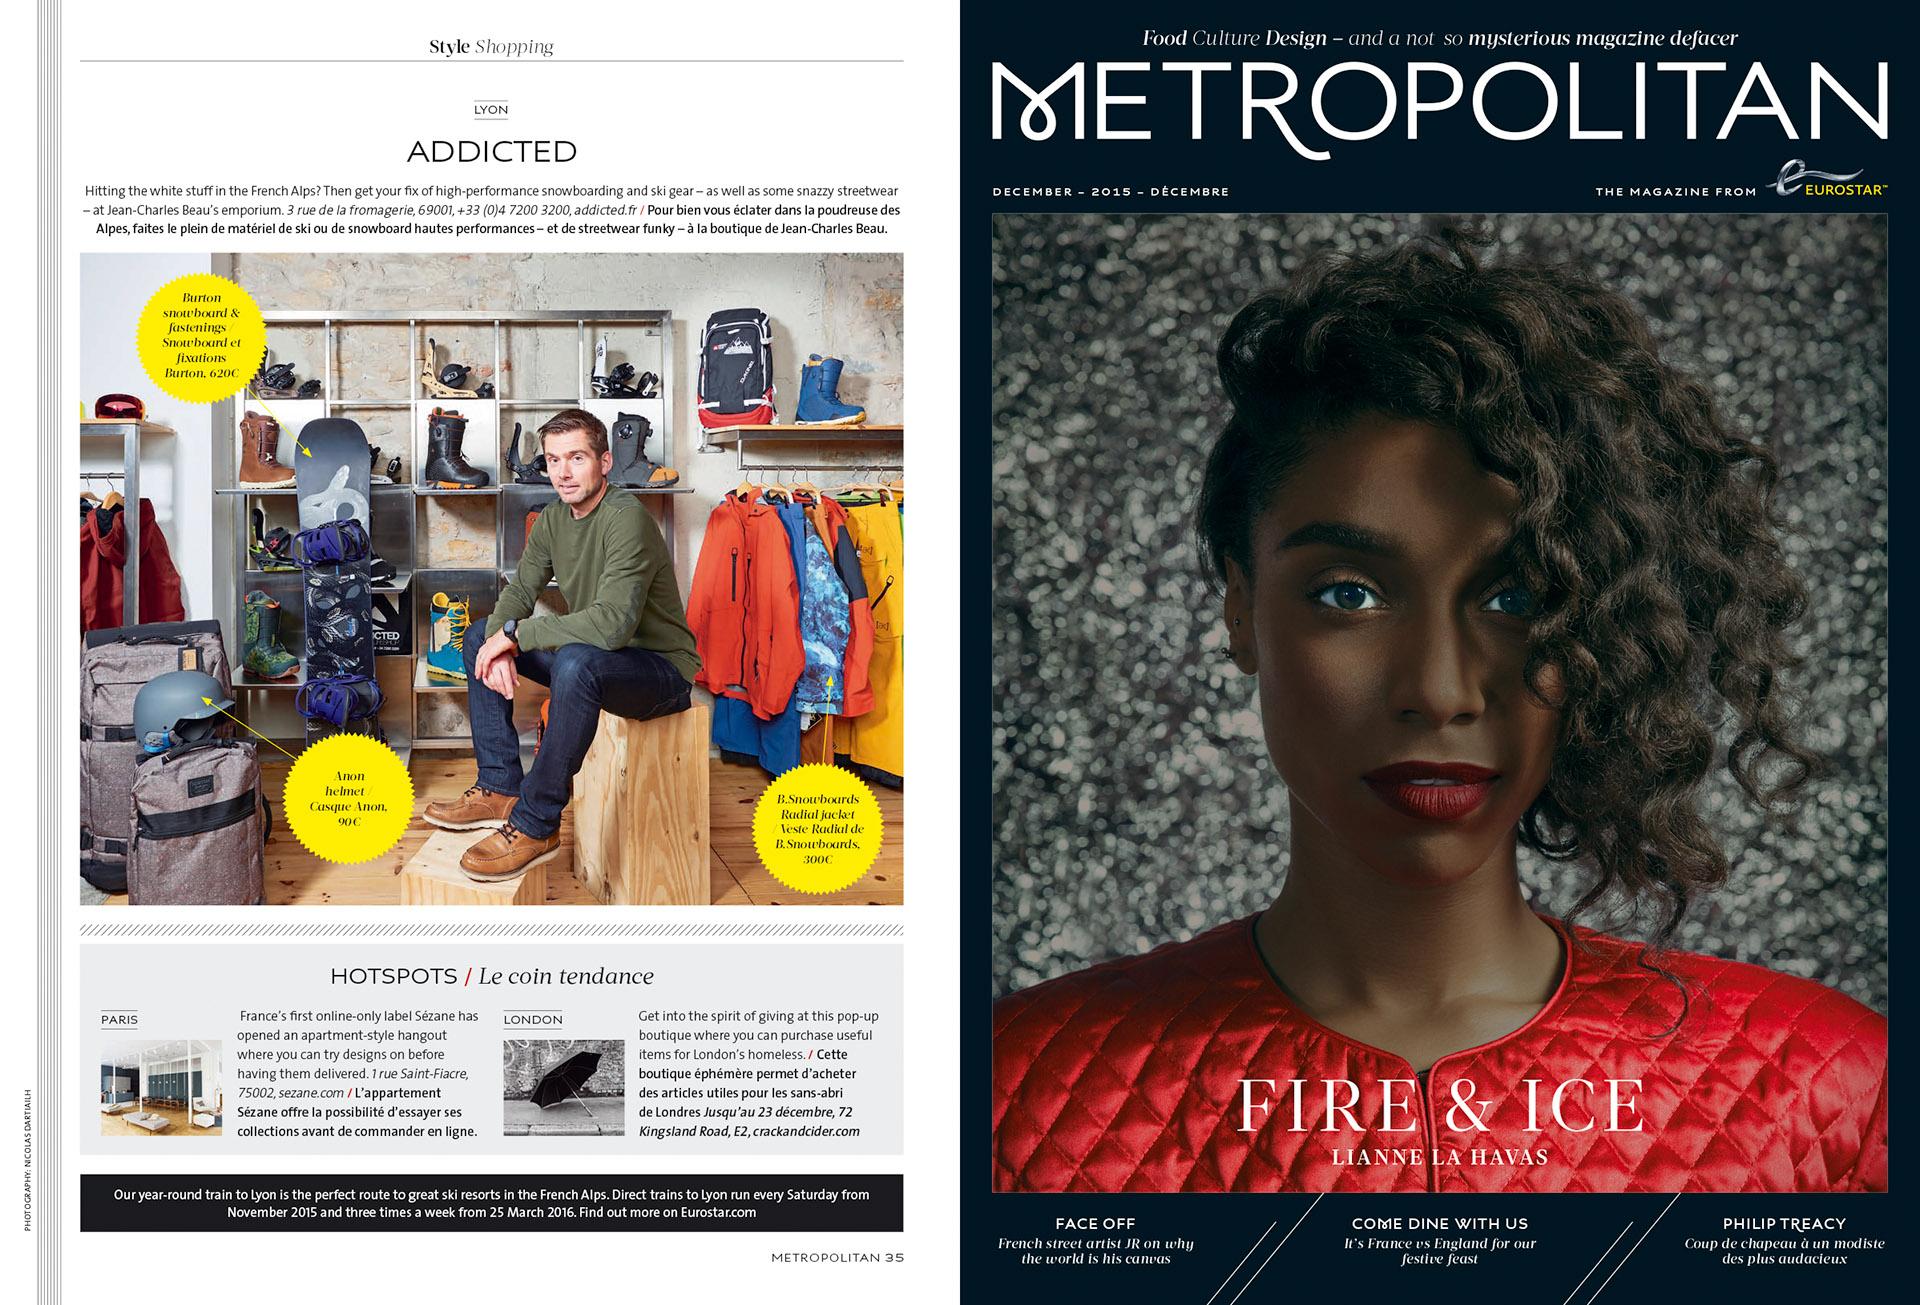 Eurostar Magazine - Metropolitan - Shopping - Décembre 2015